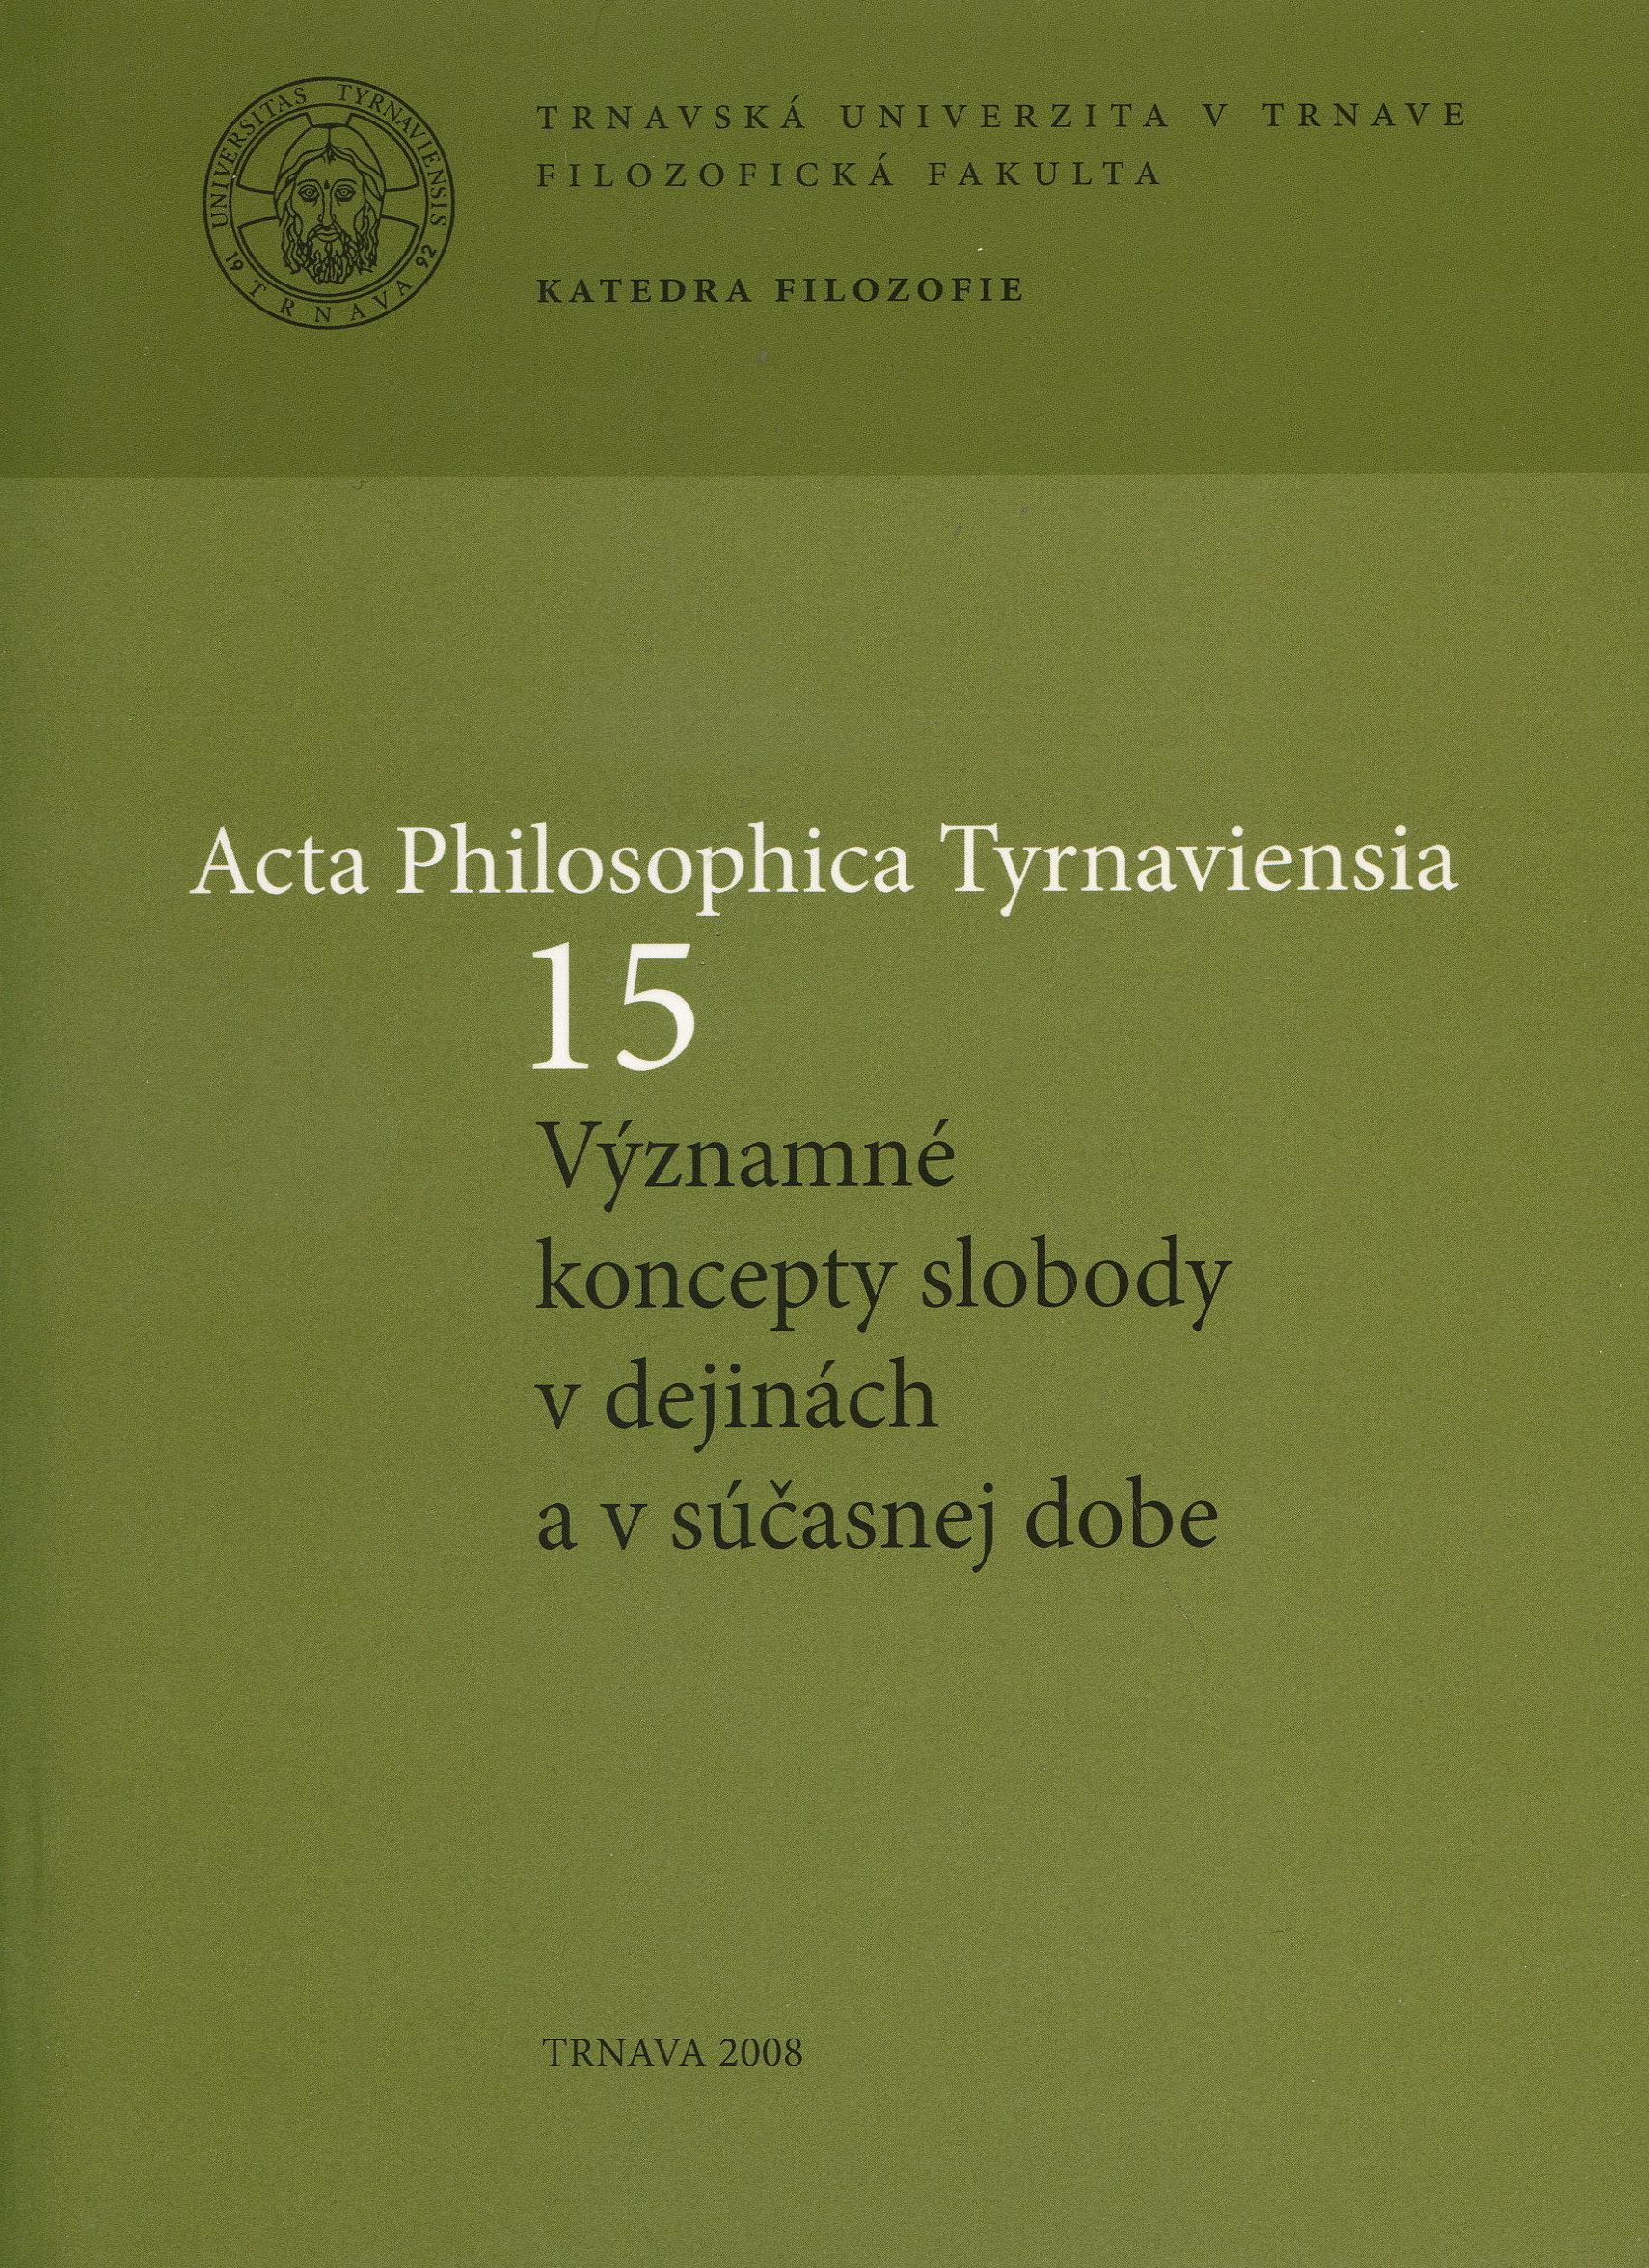 Acta Philosophica Tyrnaviensia 15 - Významné koncepty slobody v dejinách a v súčasnej dobe